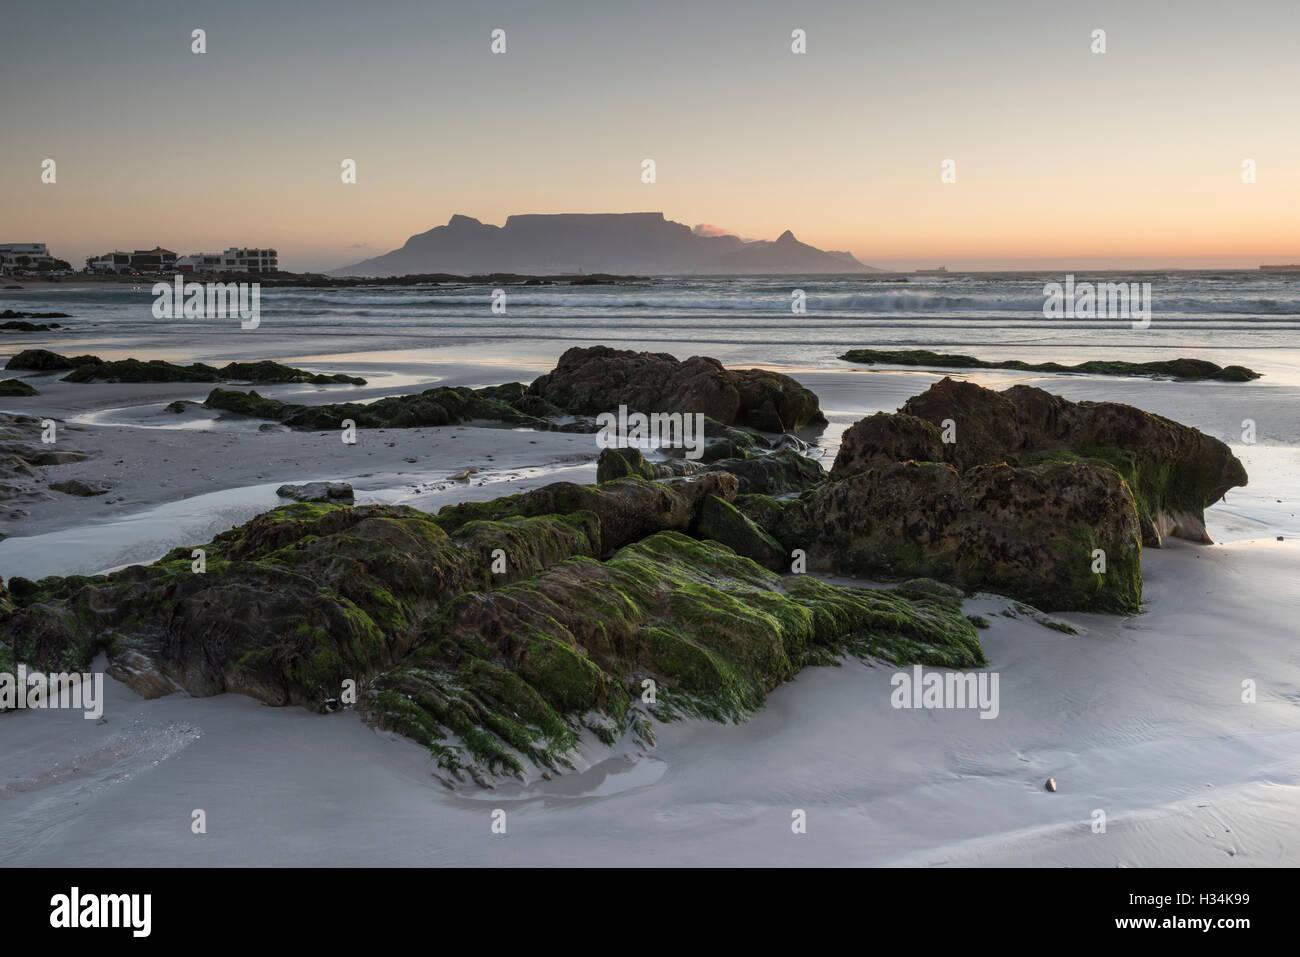 Coucher de soleil sur la Montagne de la table de Bloubergstrand, Cape Town Banque D'Images